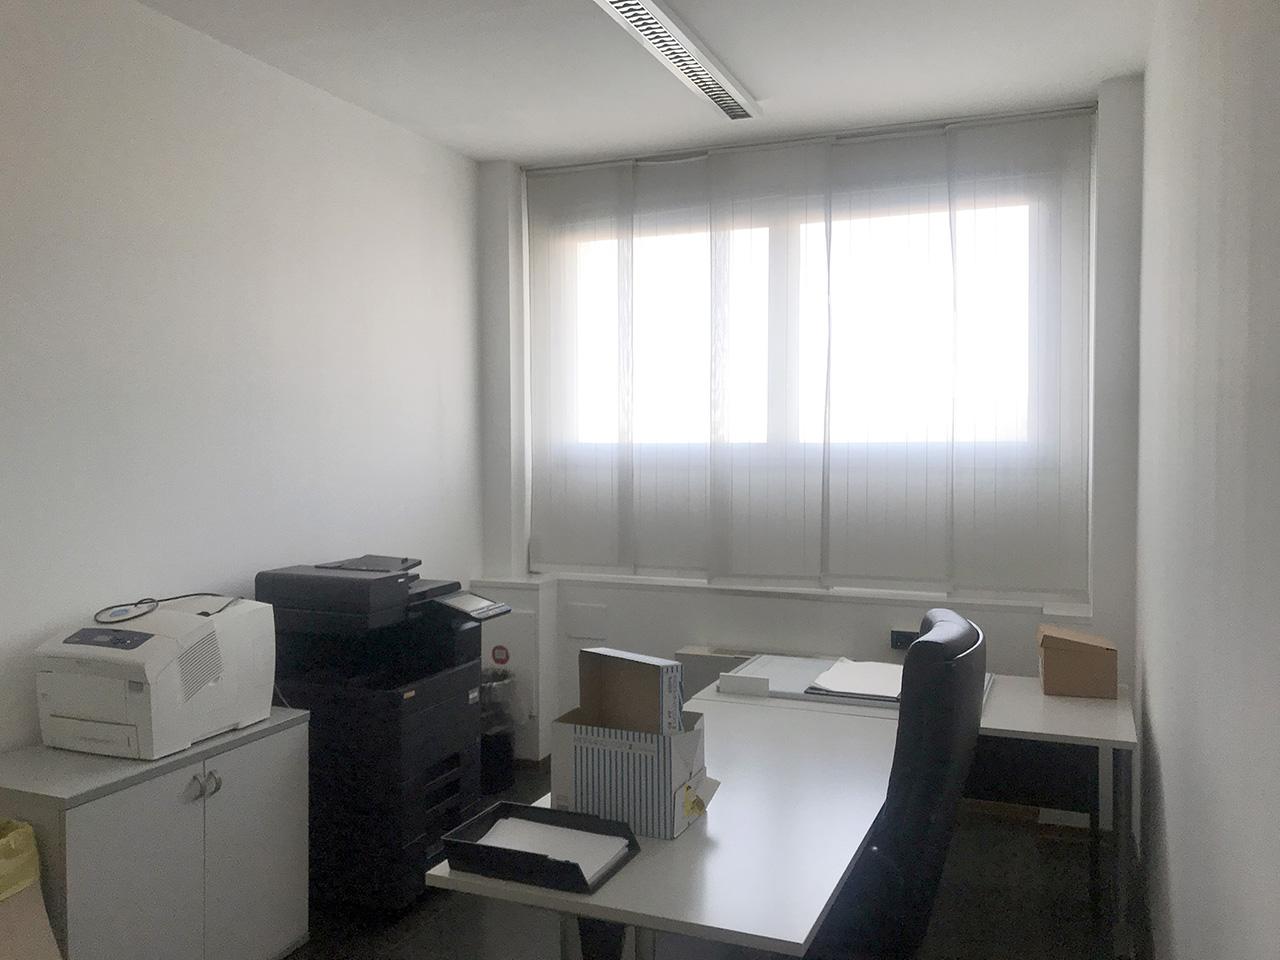 ufficio 677 mq - Atlantic Business Center - quarto piano - ufficio singolo